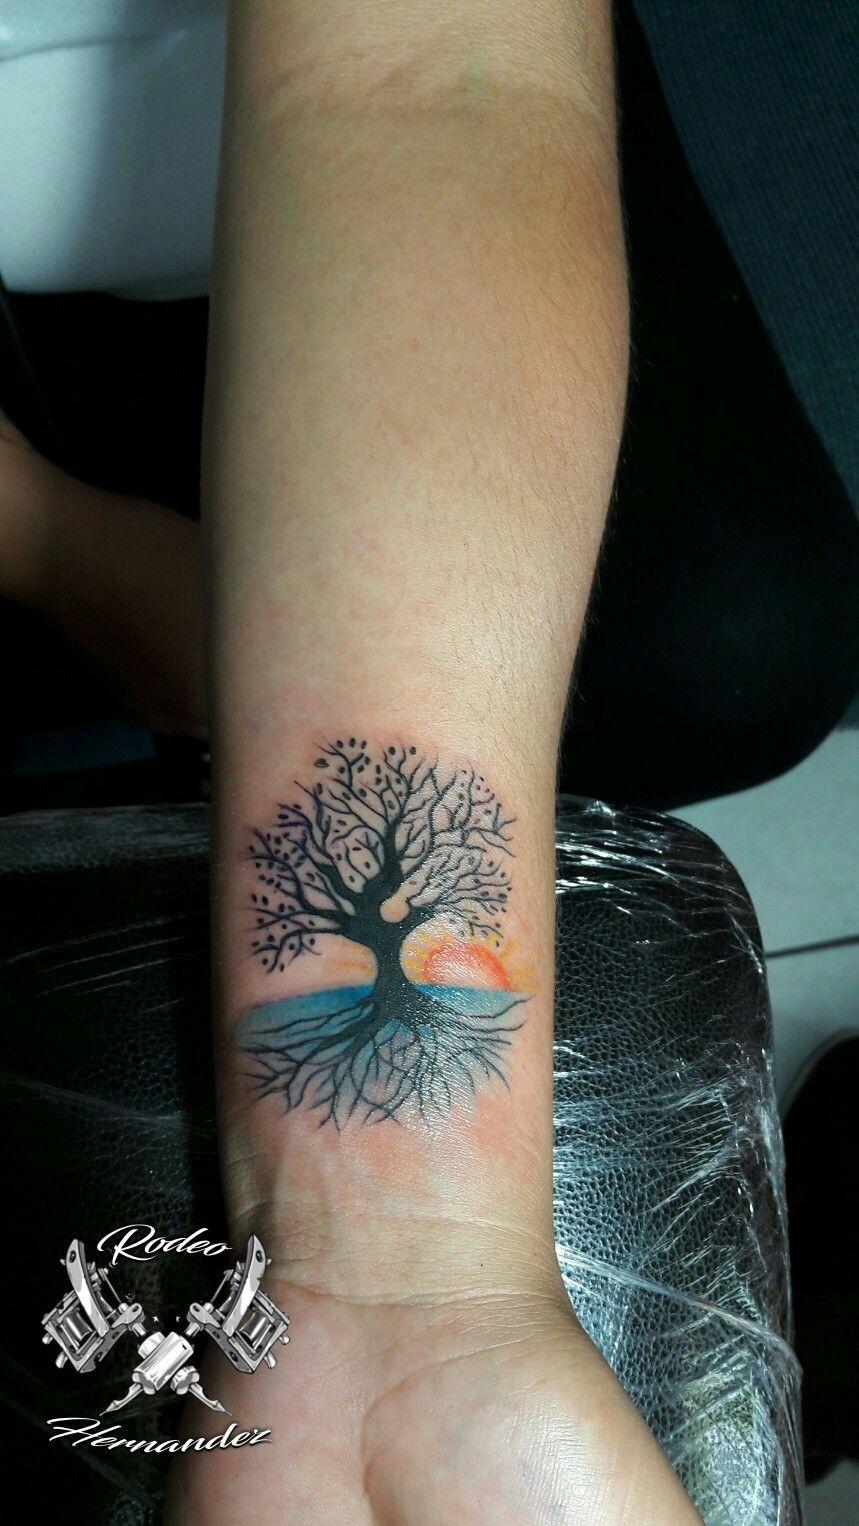 Tatuaje Arbol De La Vida Tattoos Pinterest Tattoos Tattoo